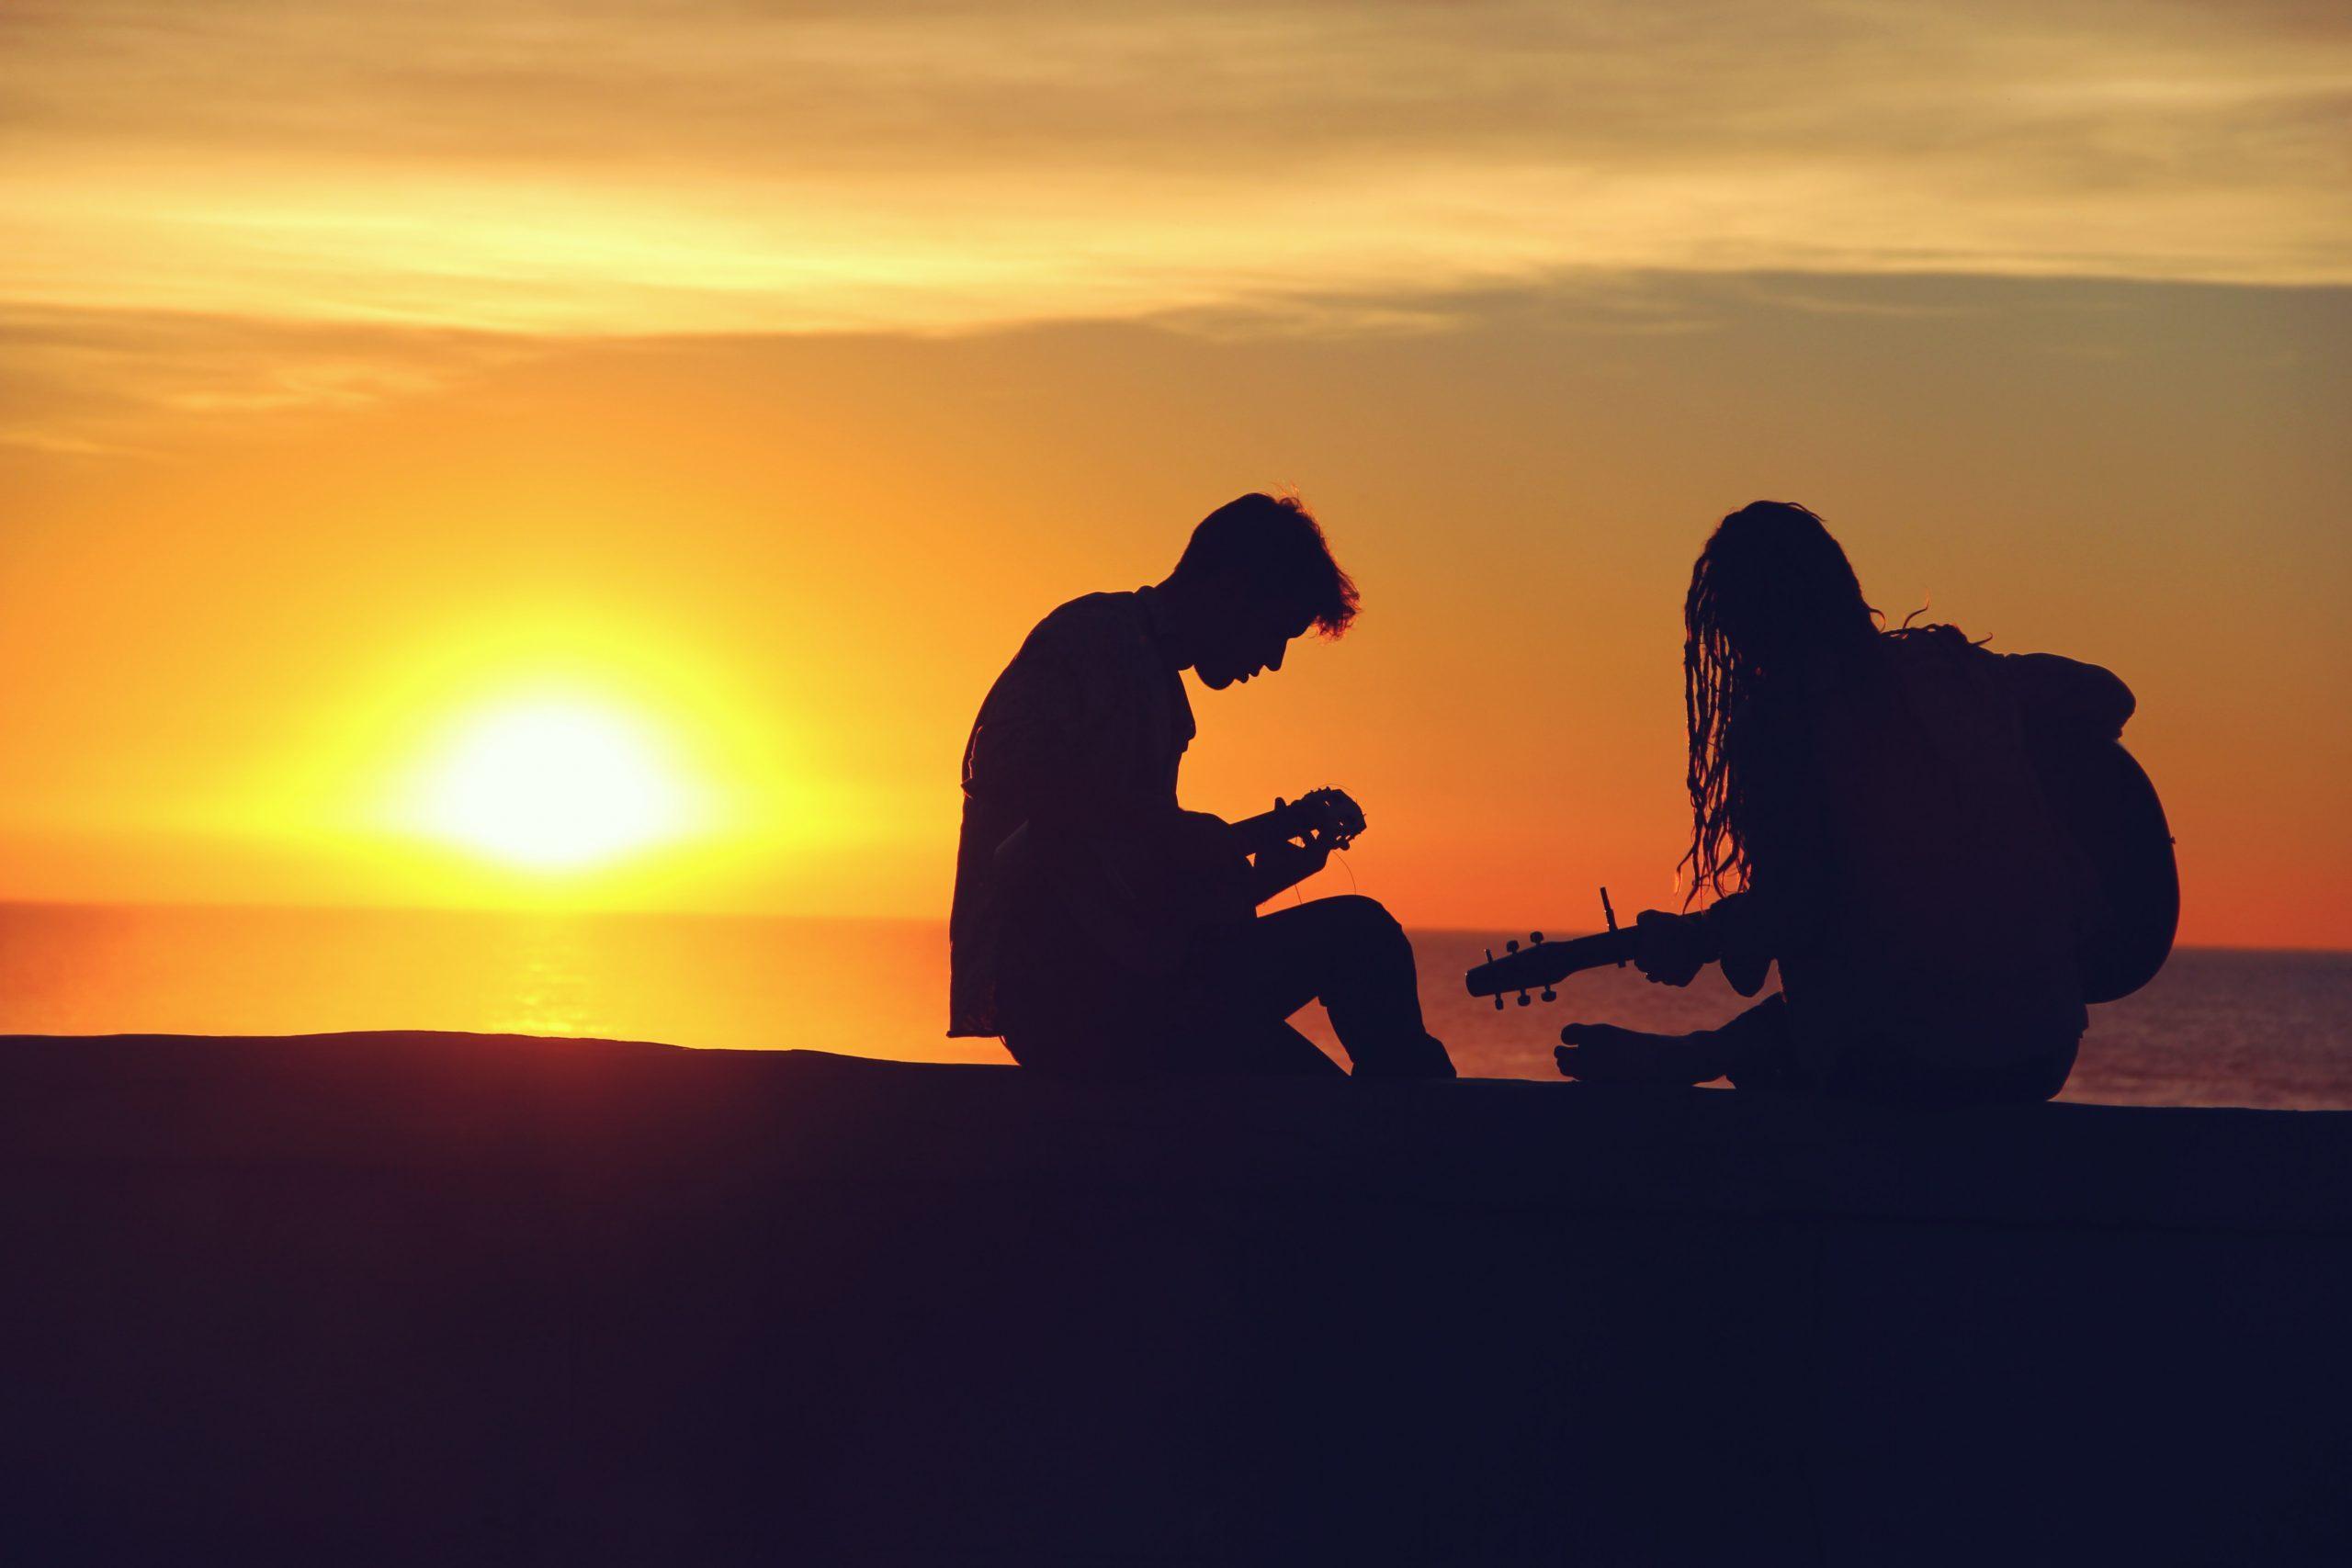 Un couple jouant de la guitare sur la plage devant un couché de soleil